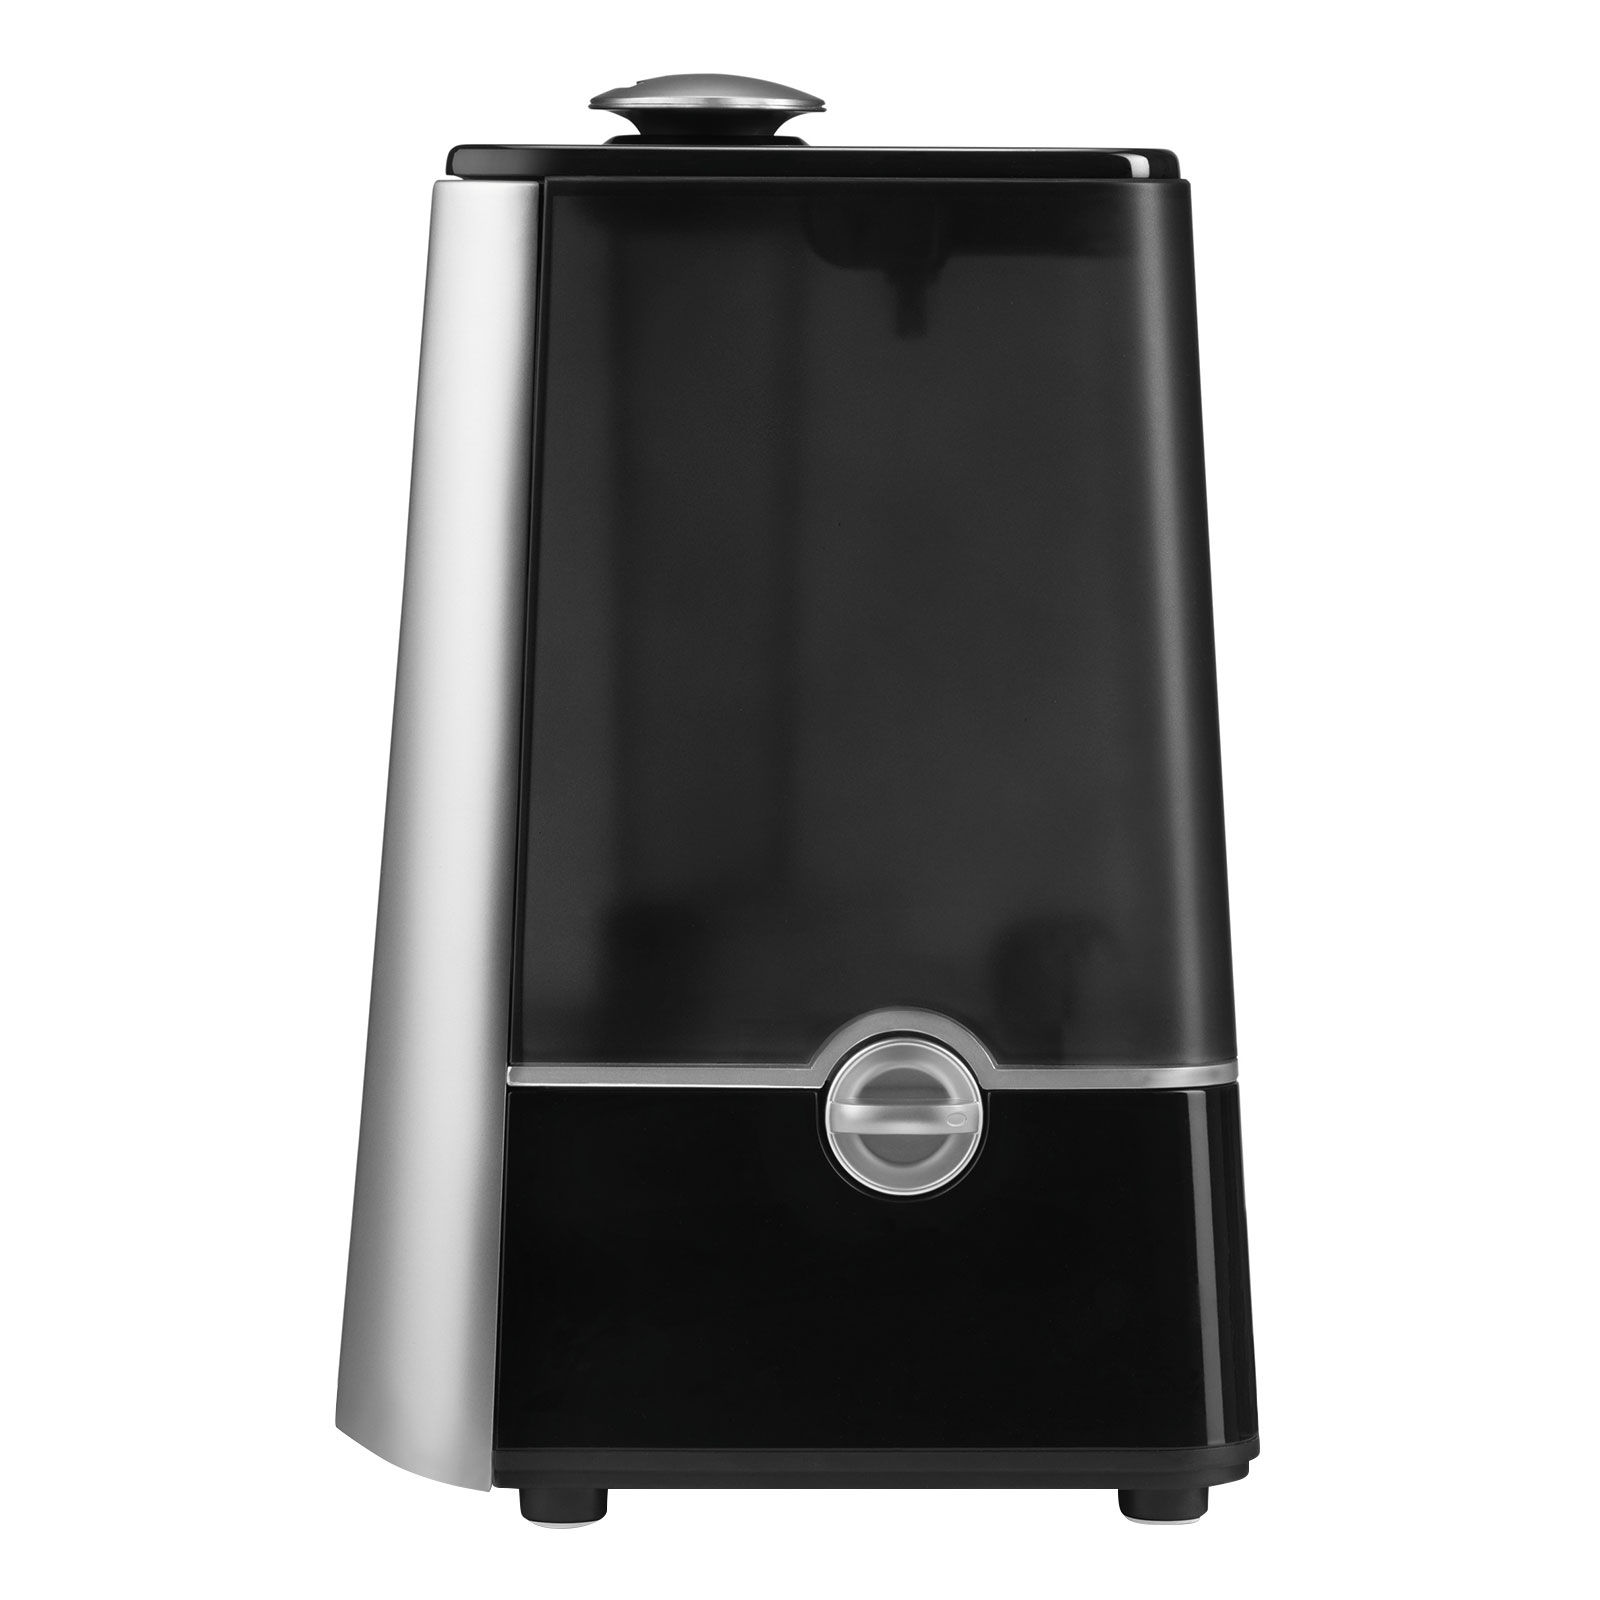 ... Vorschau  ROWENTA HU 5220 F0 Aqua Perfect Luftbefeuchter silber    schwarz caa2081db3da